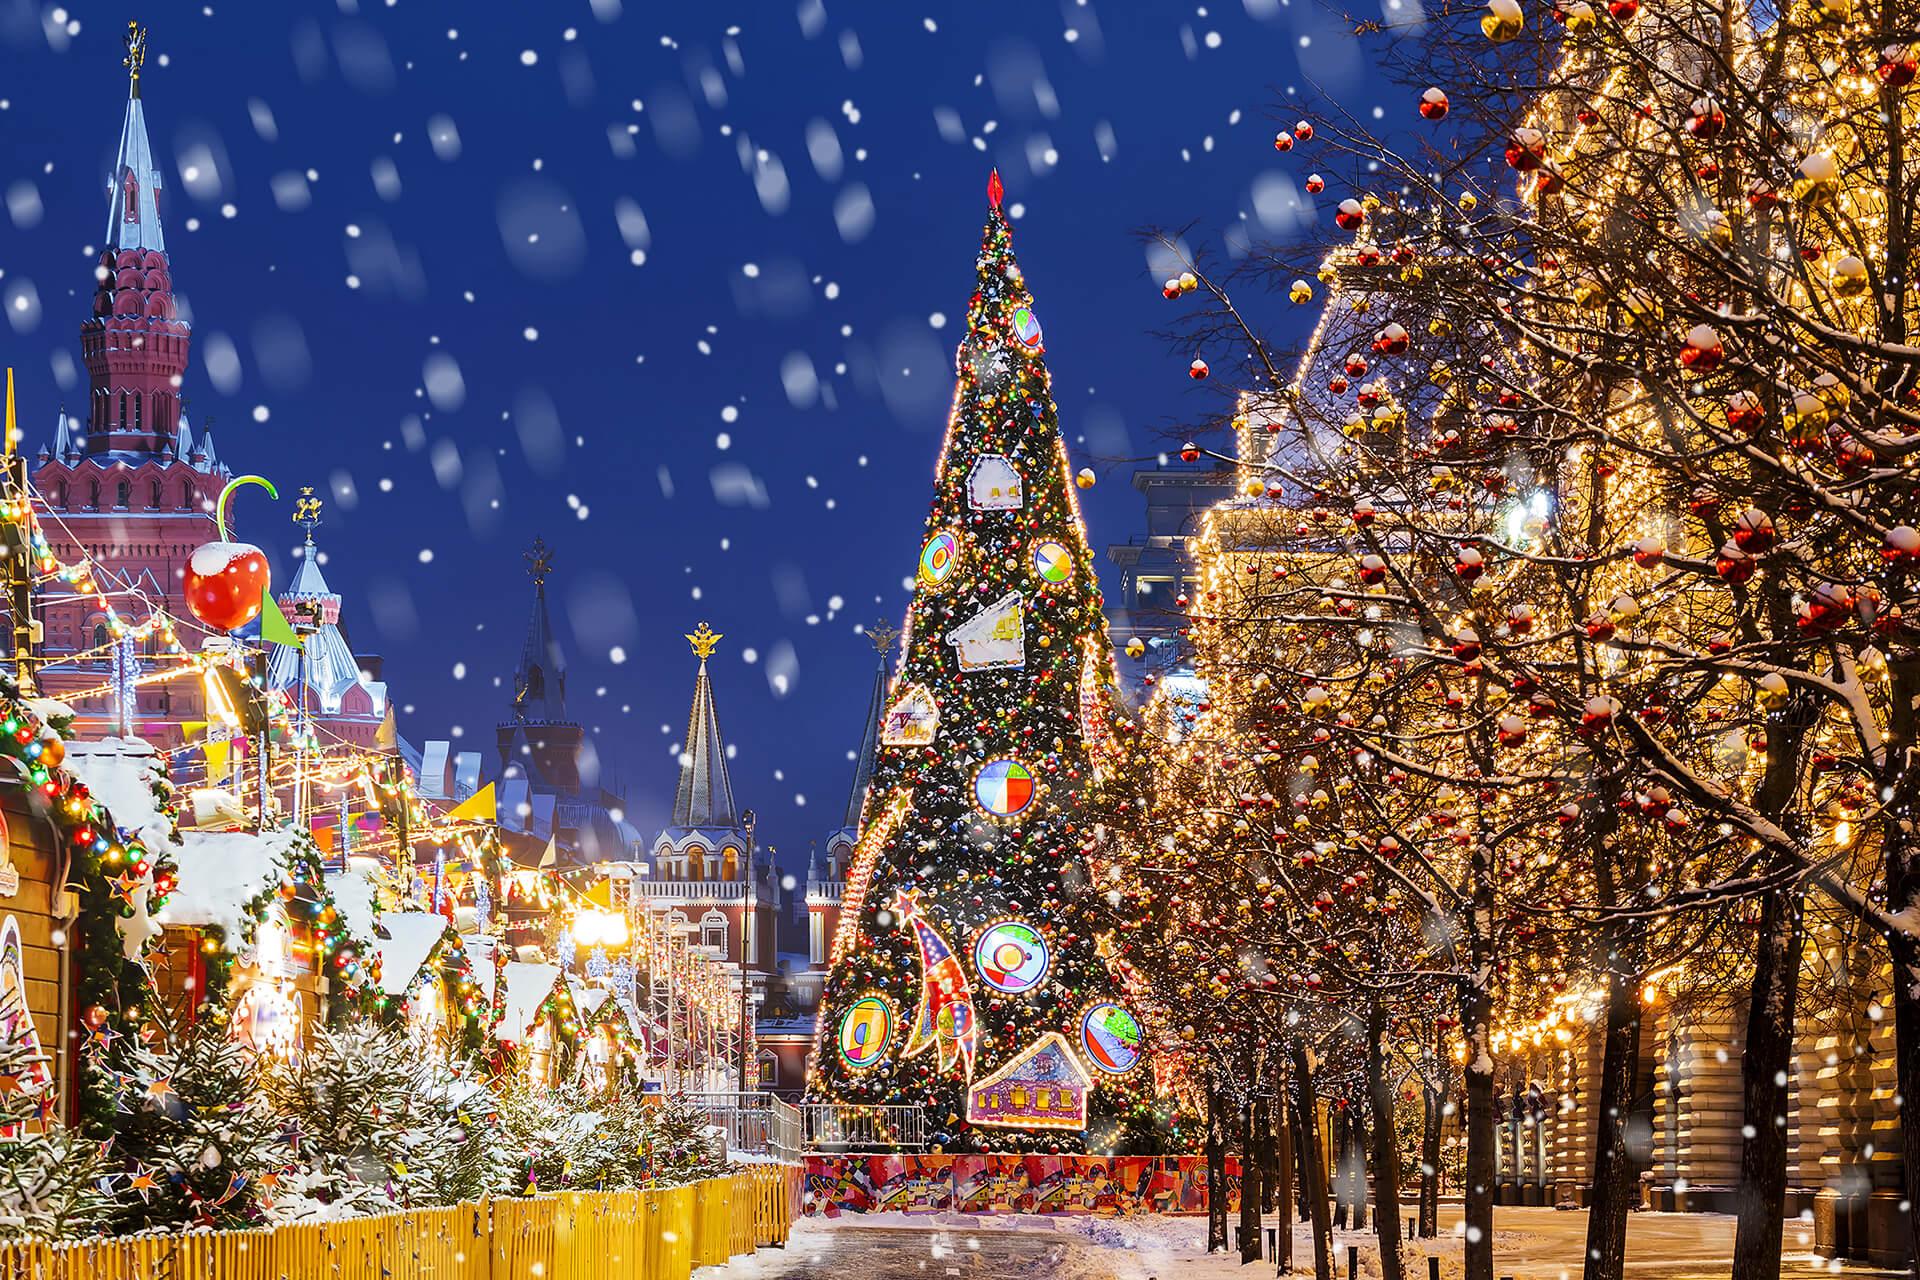 「クリスマスガーデン」in 芝公園